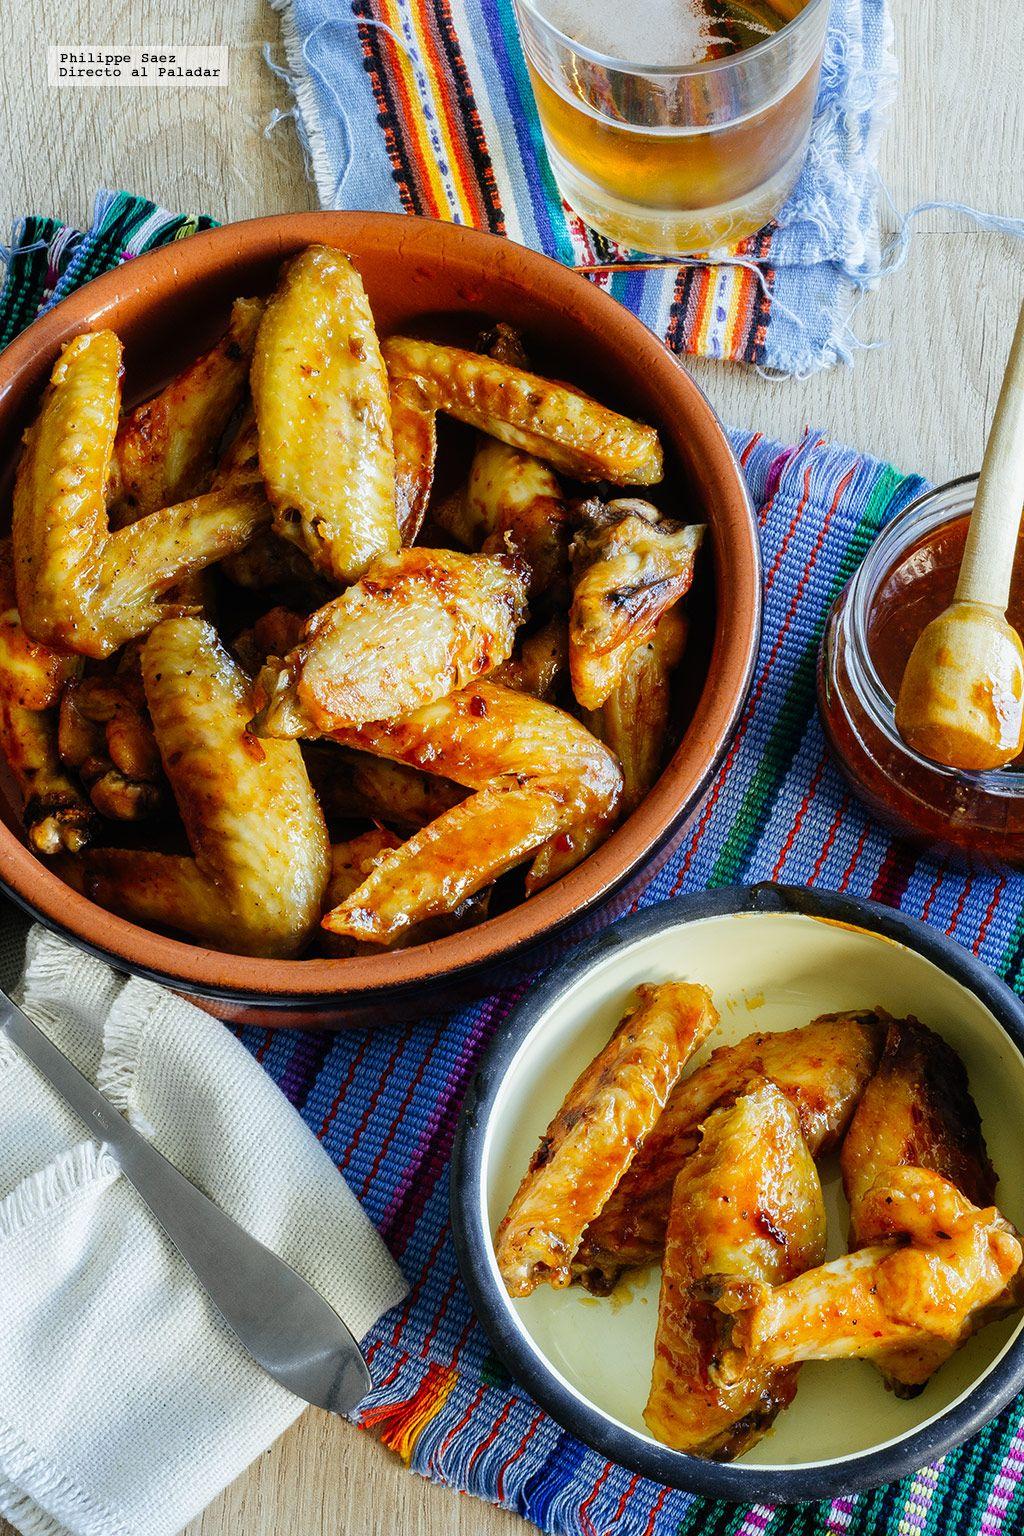 Alitas en adobo de chile chipotle receta mexicana receta directo al paladar espa a - Adobo de alitas de pollo ...